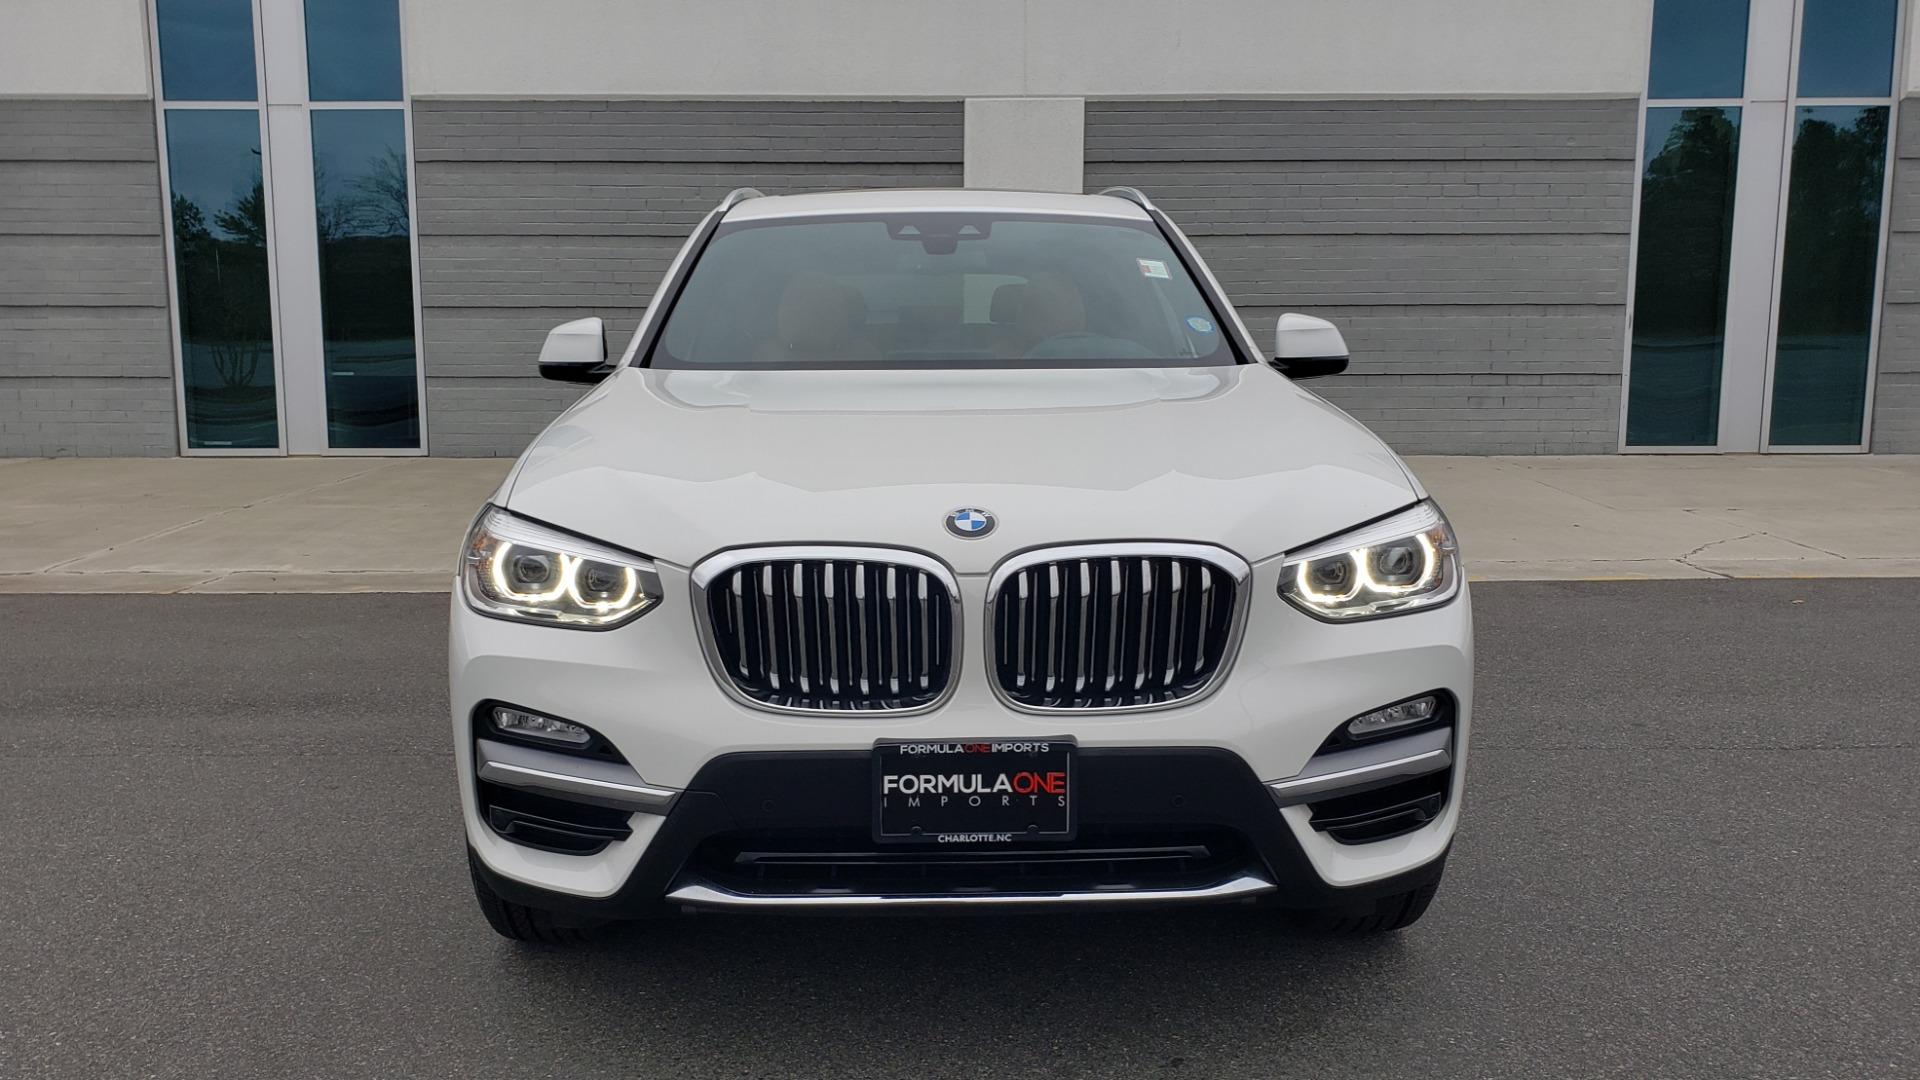 Used 2018 BMW X3 XDRIVE30I / LUX PKG / PREM PKG / CONV PKG / PDC / APPLE CARPLAY for sale Sold at Formula Imports in Charlotte NC 28227 22